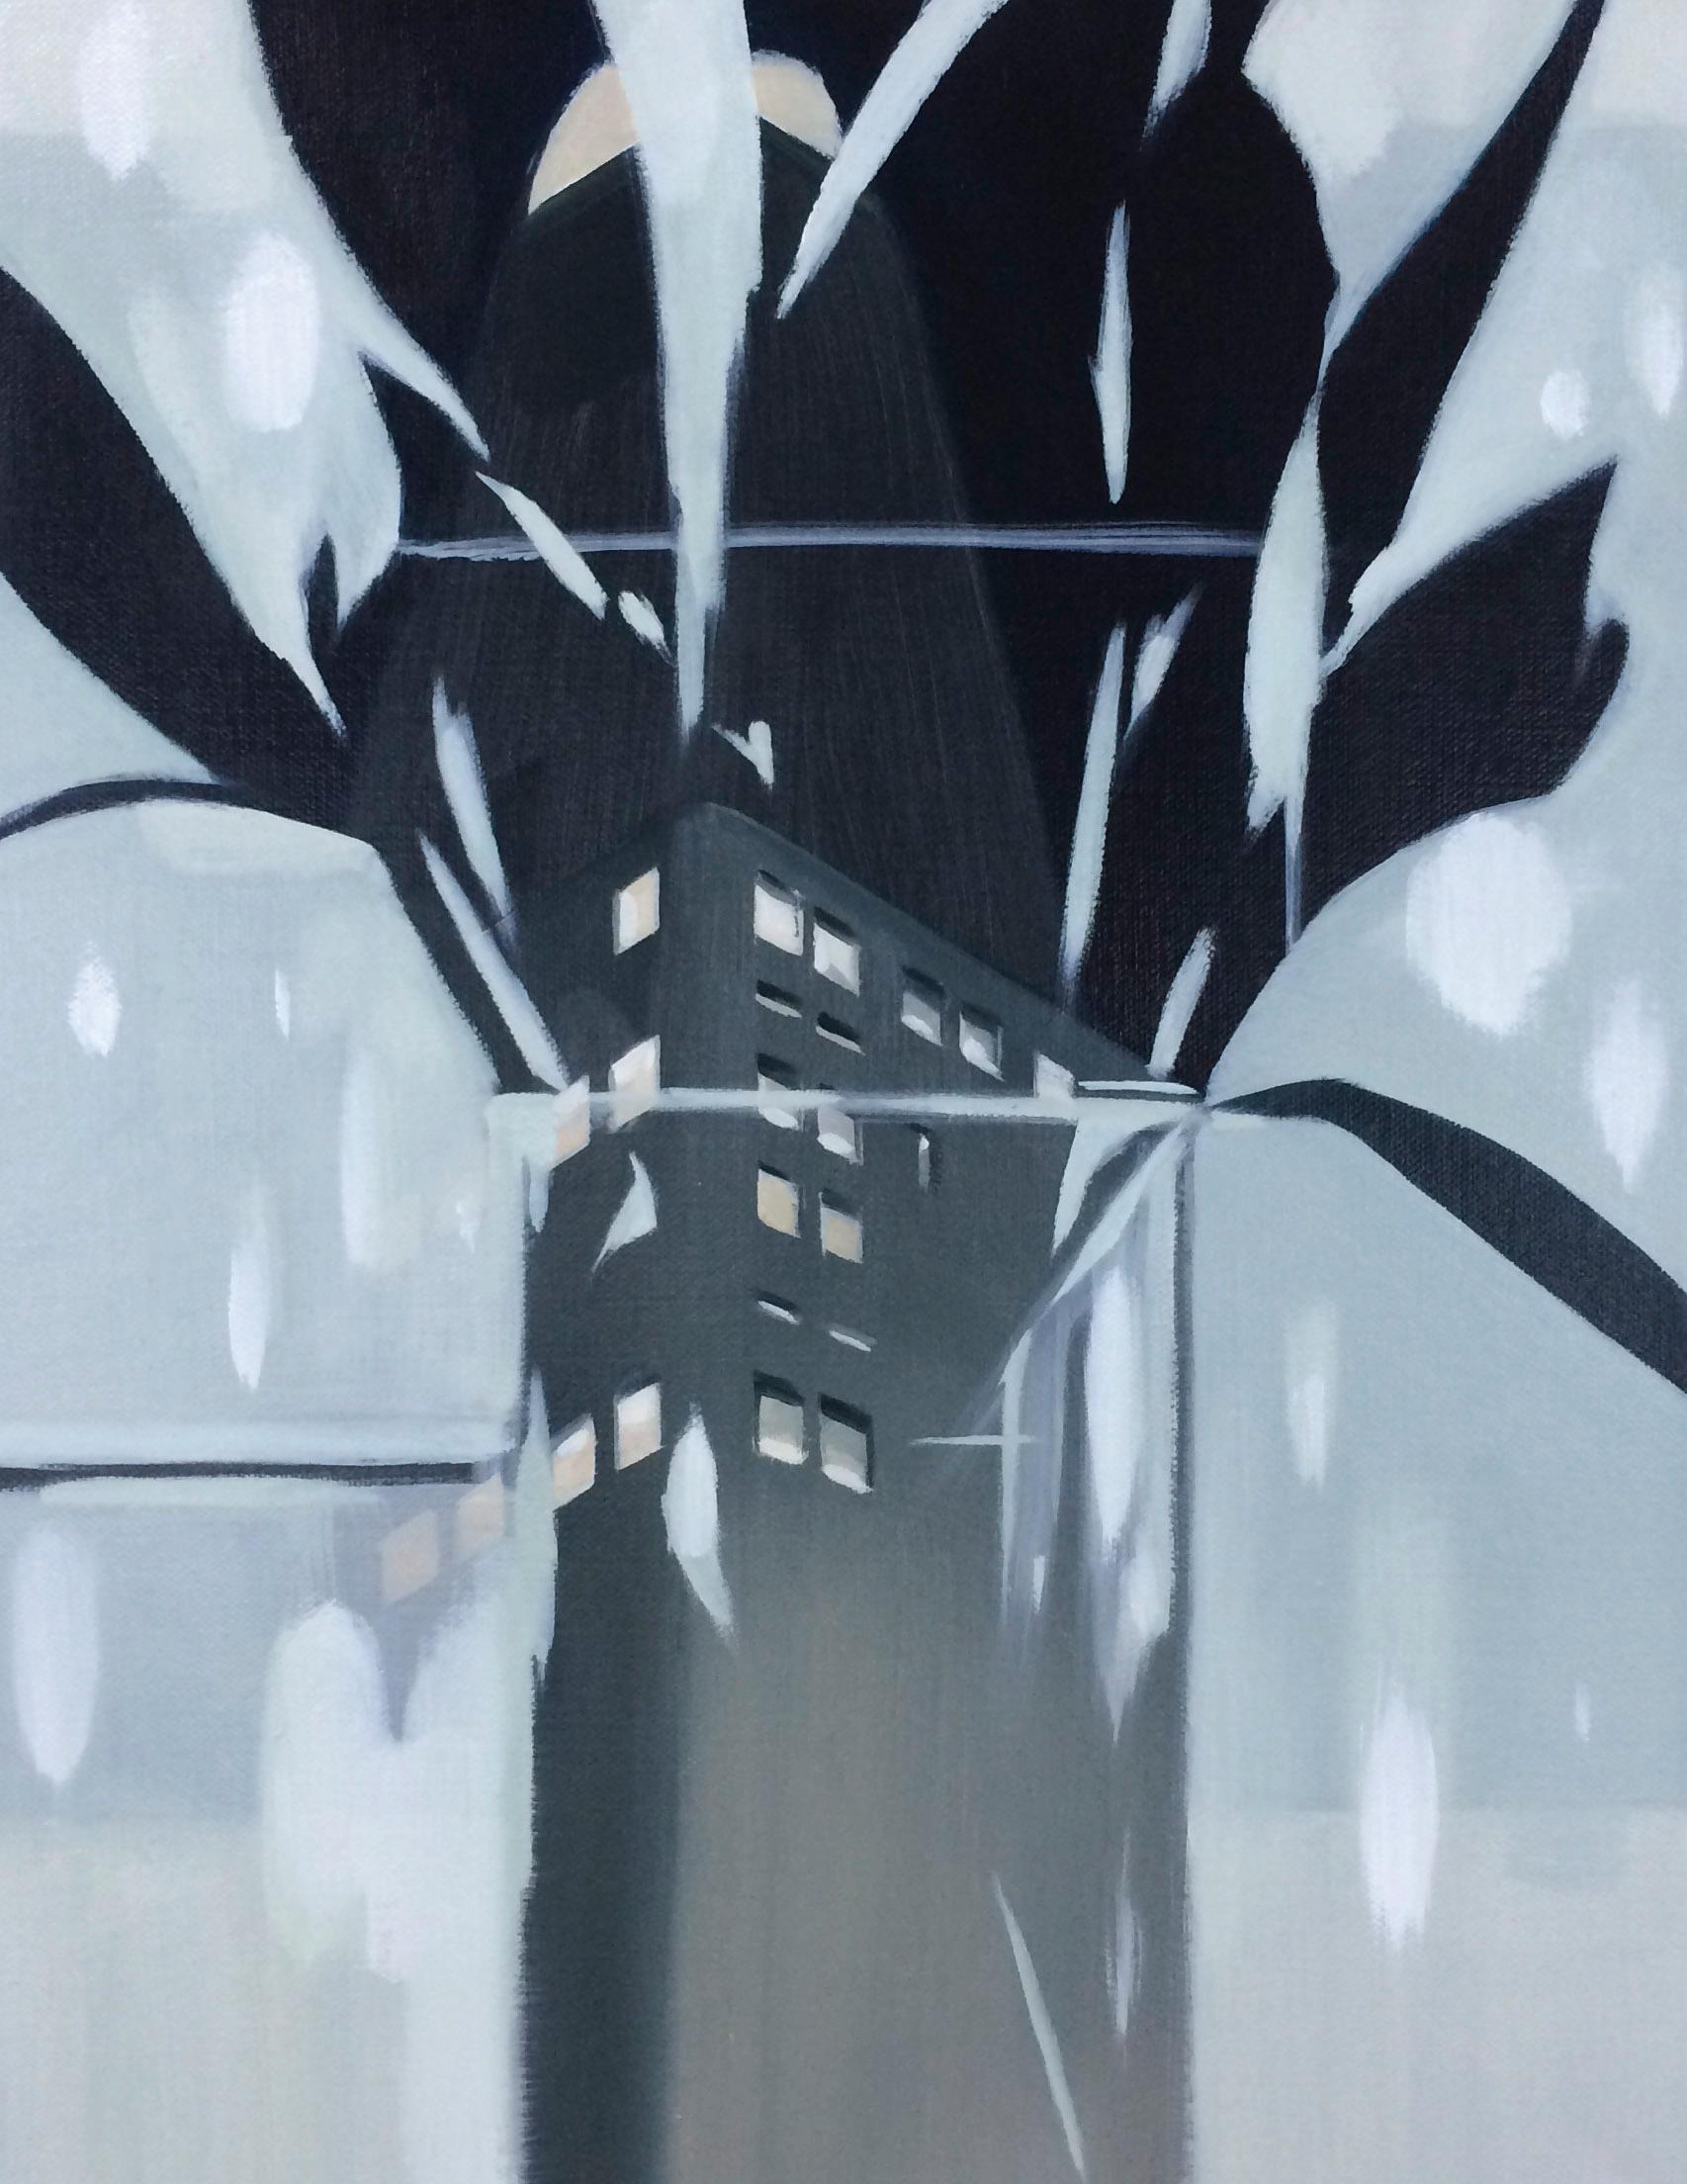 유지희, Window #1